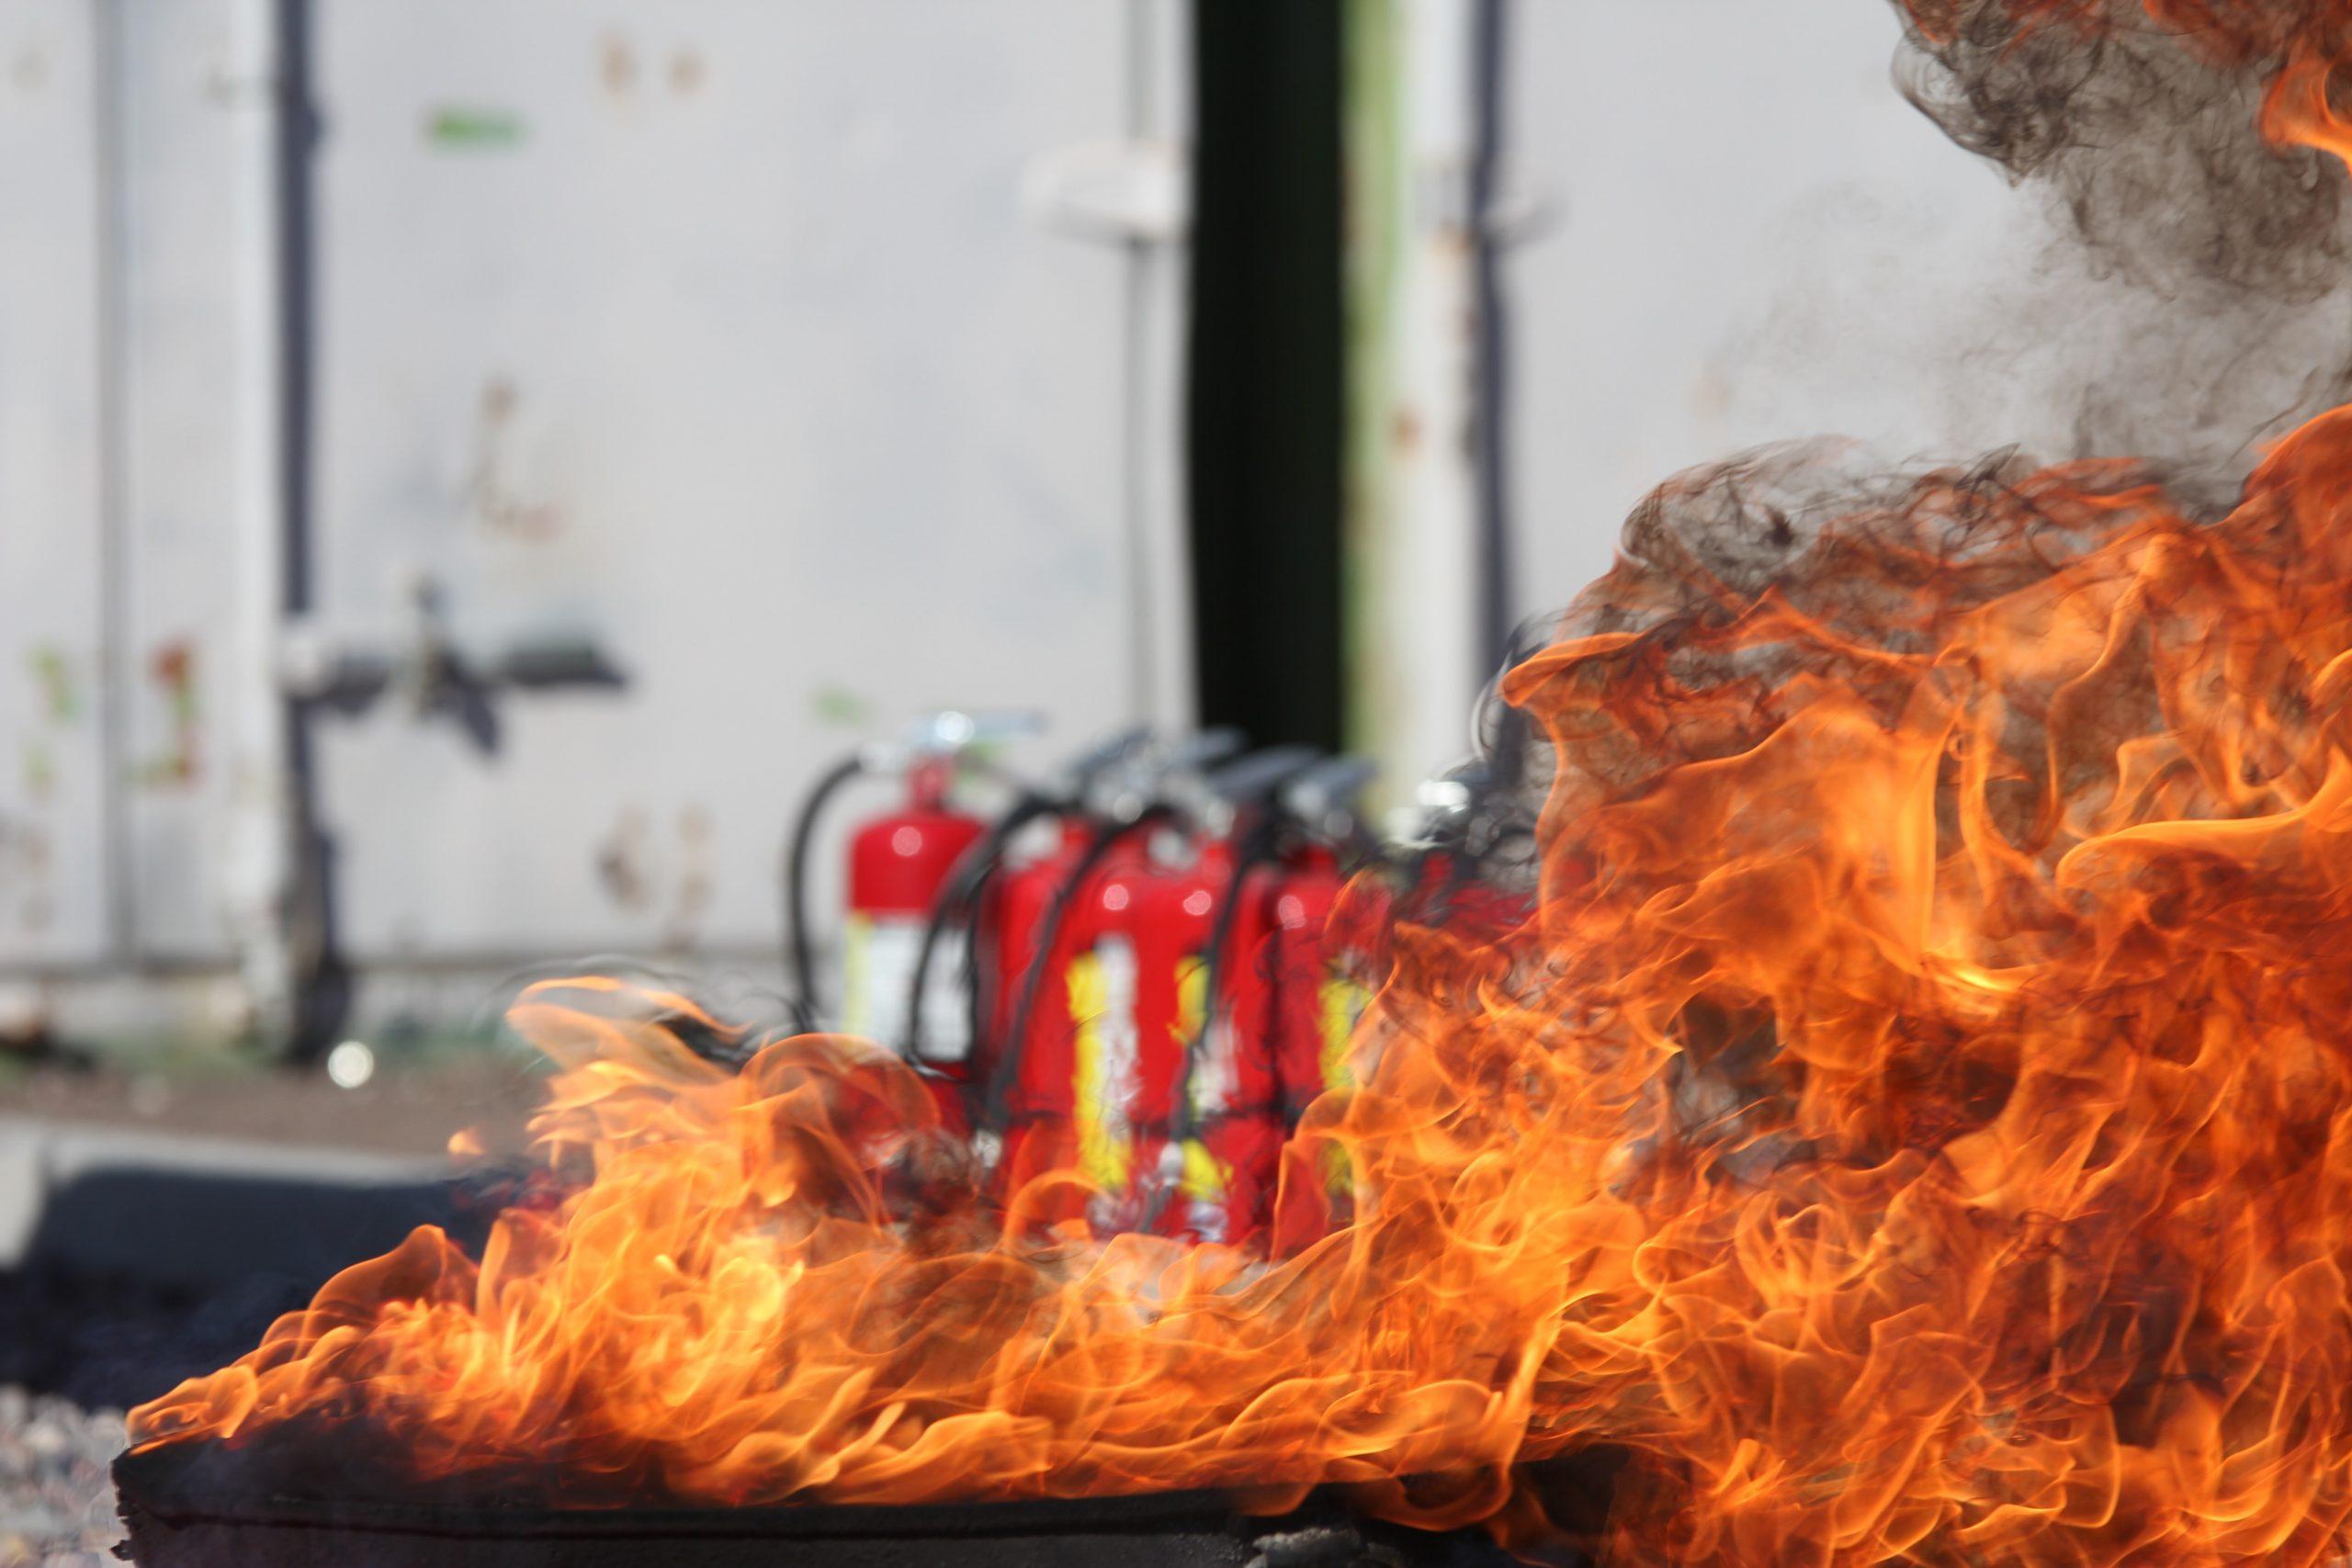 Exercice d'extinction d'un incendie lors d'une formation Équipier de Première Intervention